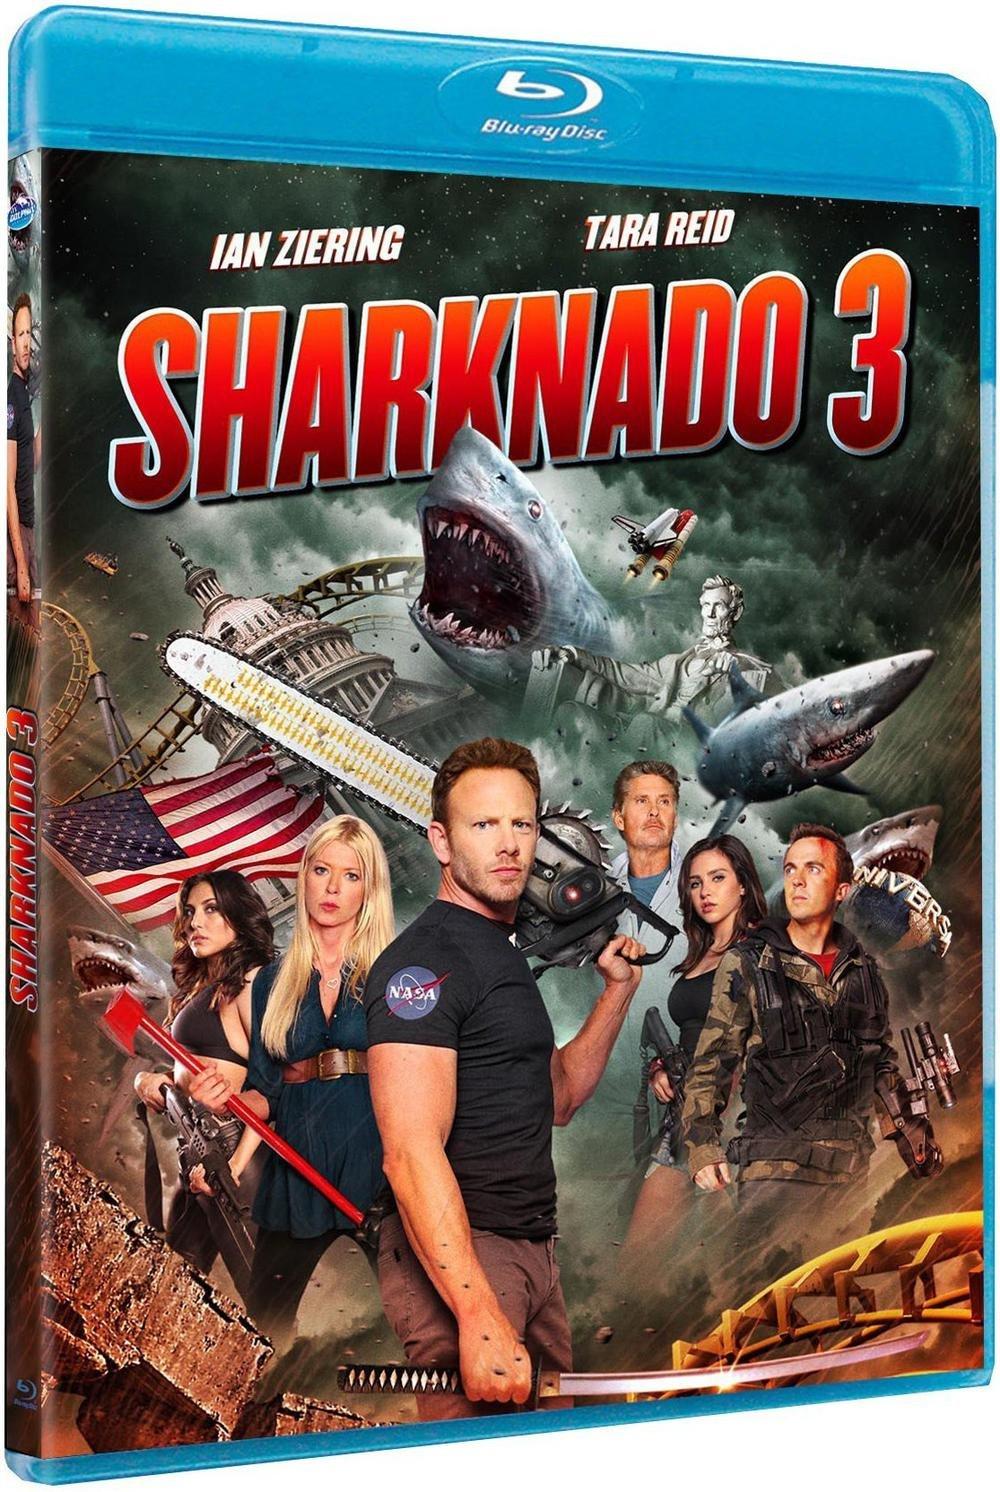 Sharknado 3 [Francia] [Blu-ray]: Amazon.es: Ian Ziering, Tara Reid ...